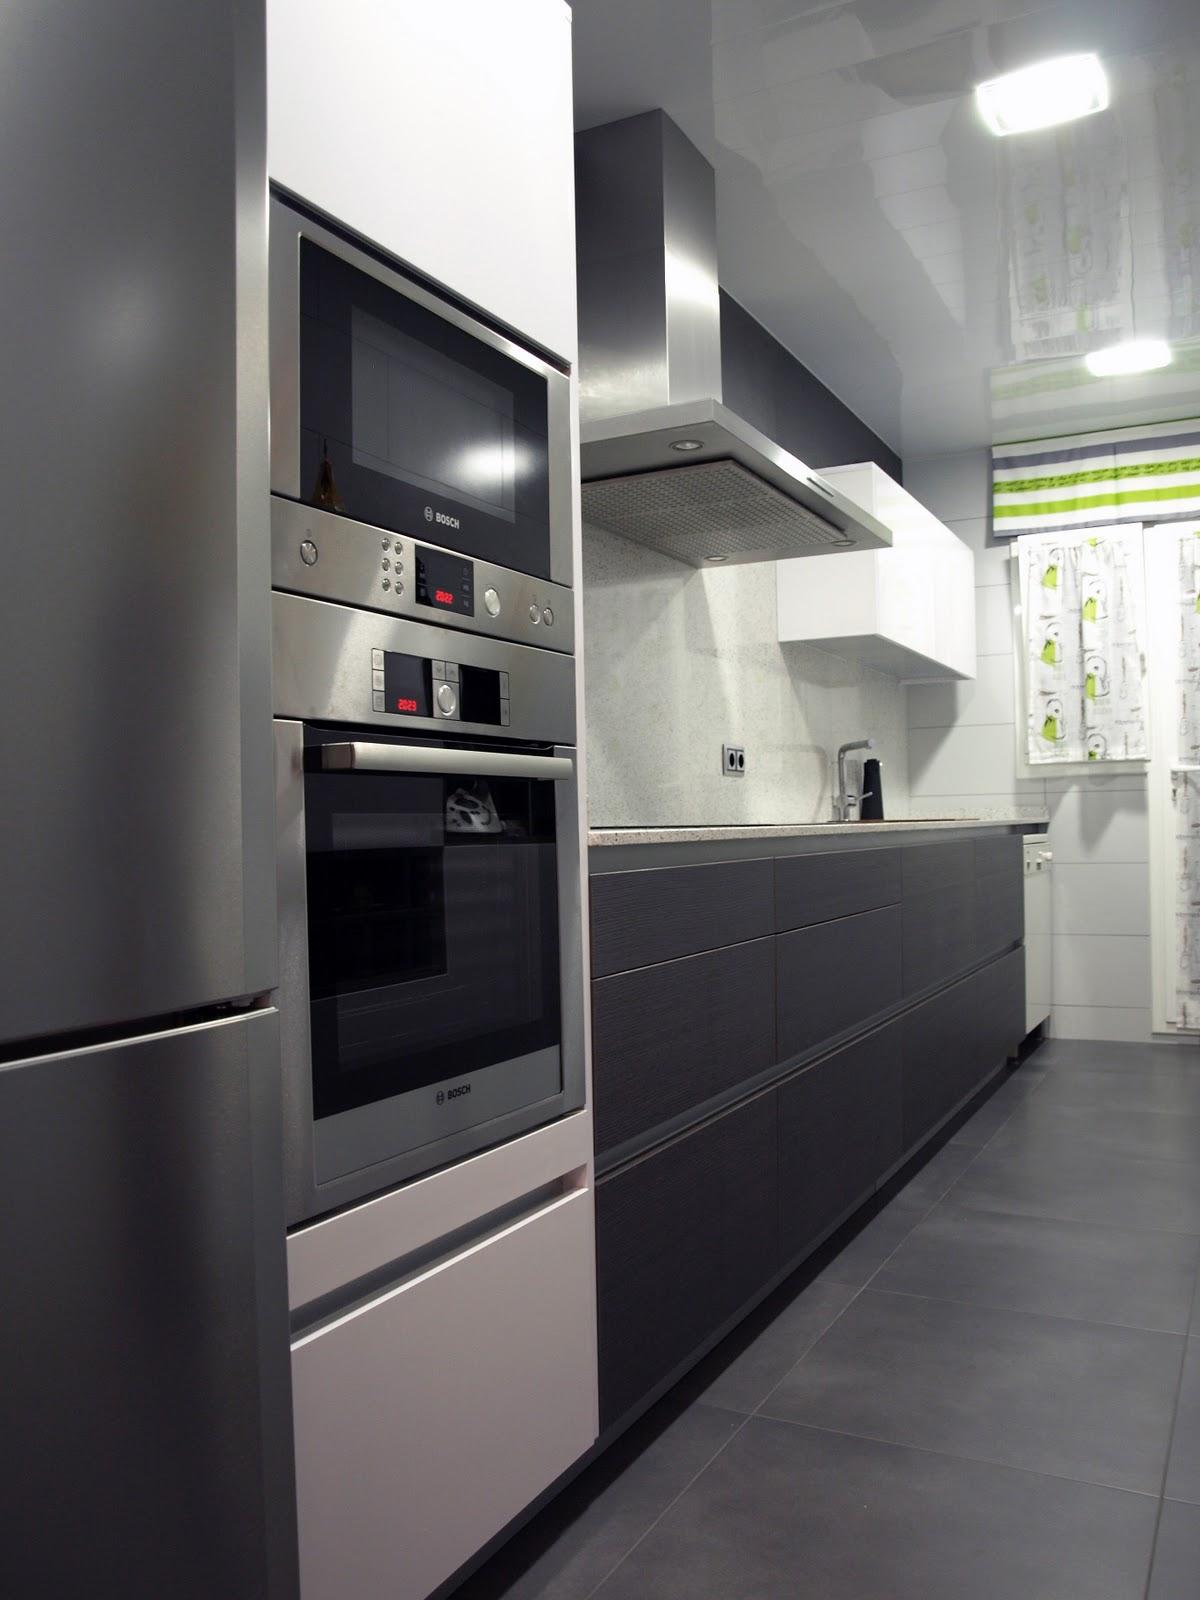 Espai decuina ripollet barcelona septiembre 2011 for Cocina blanca y suelo gris